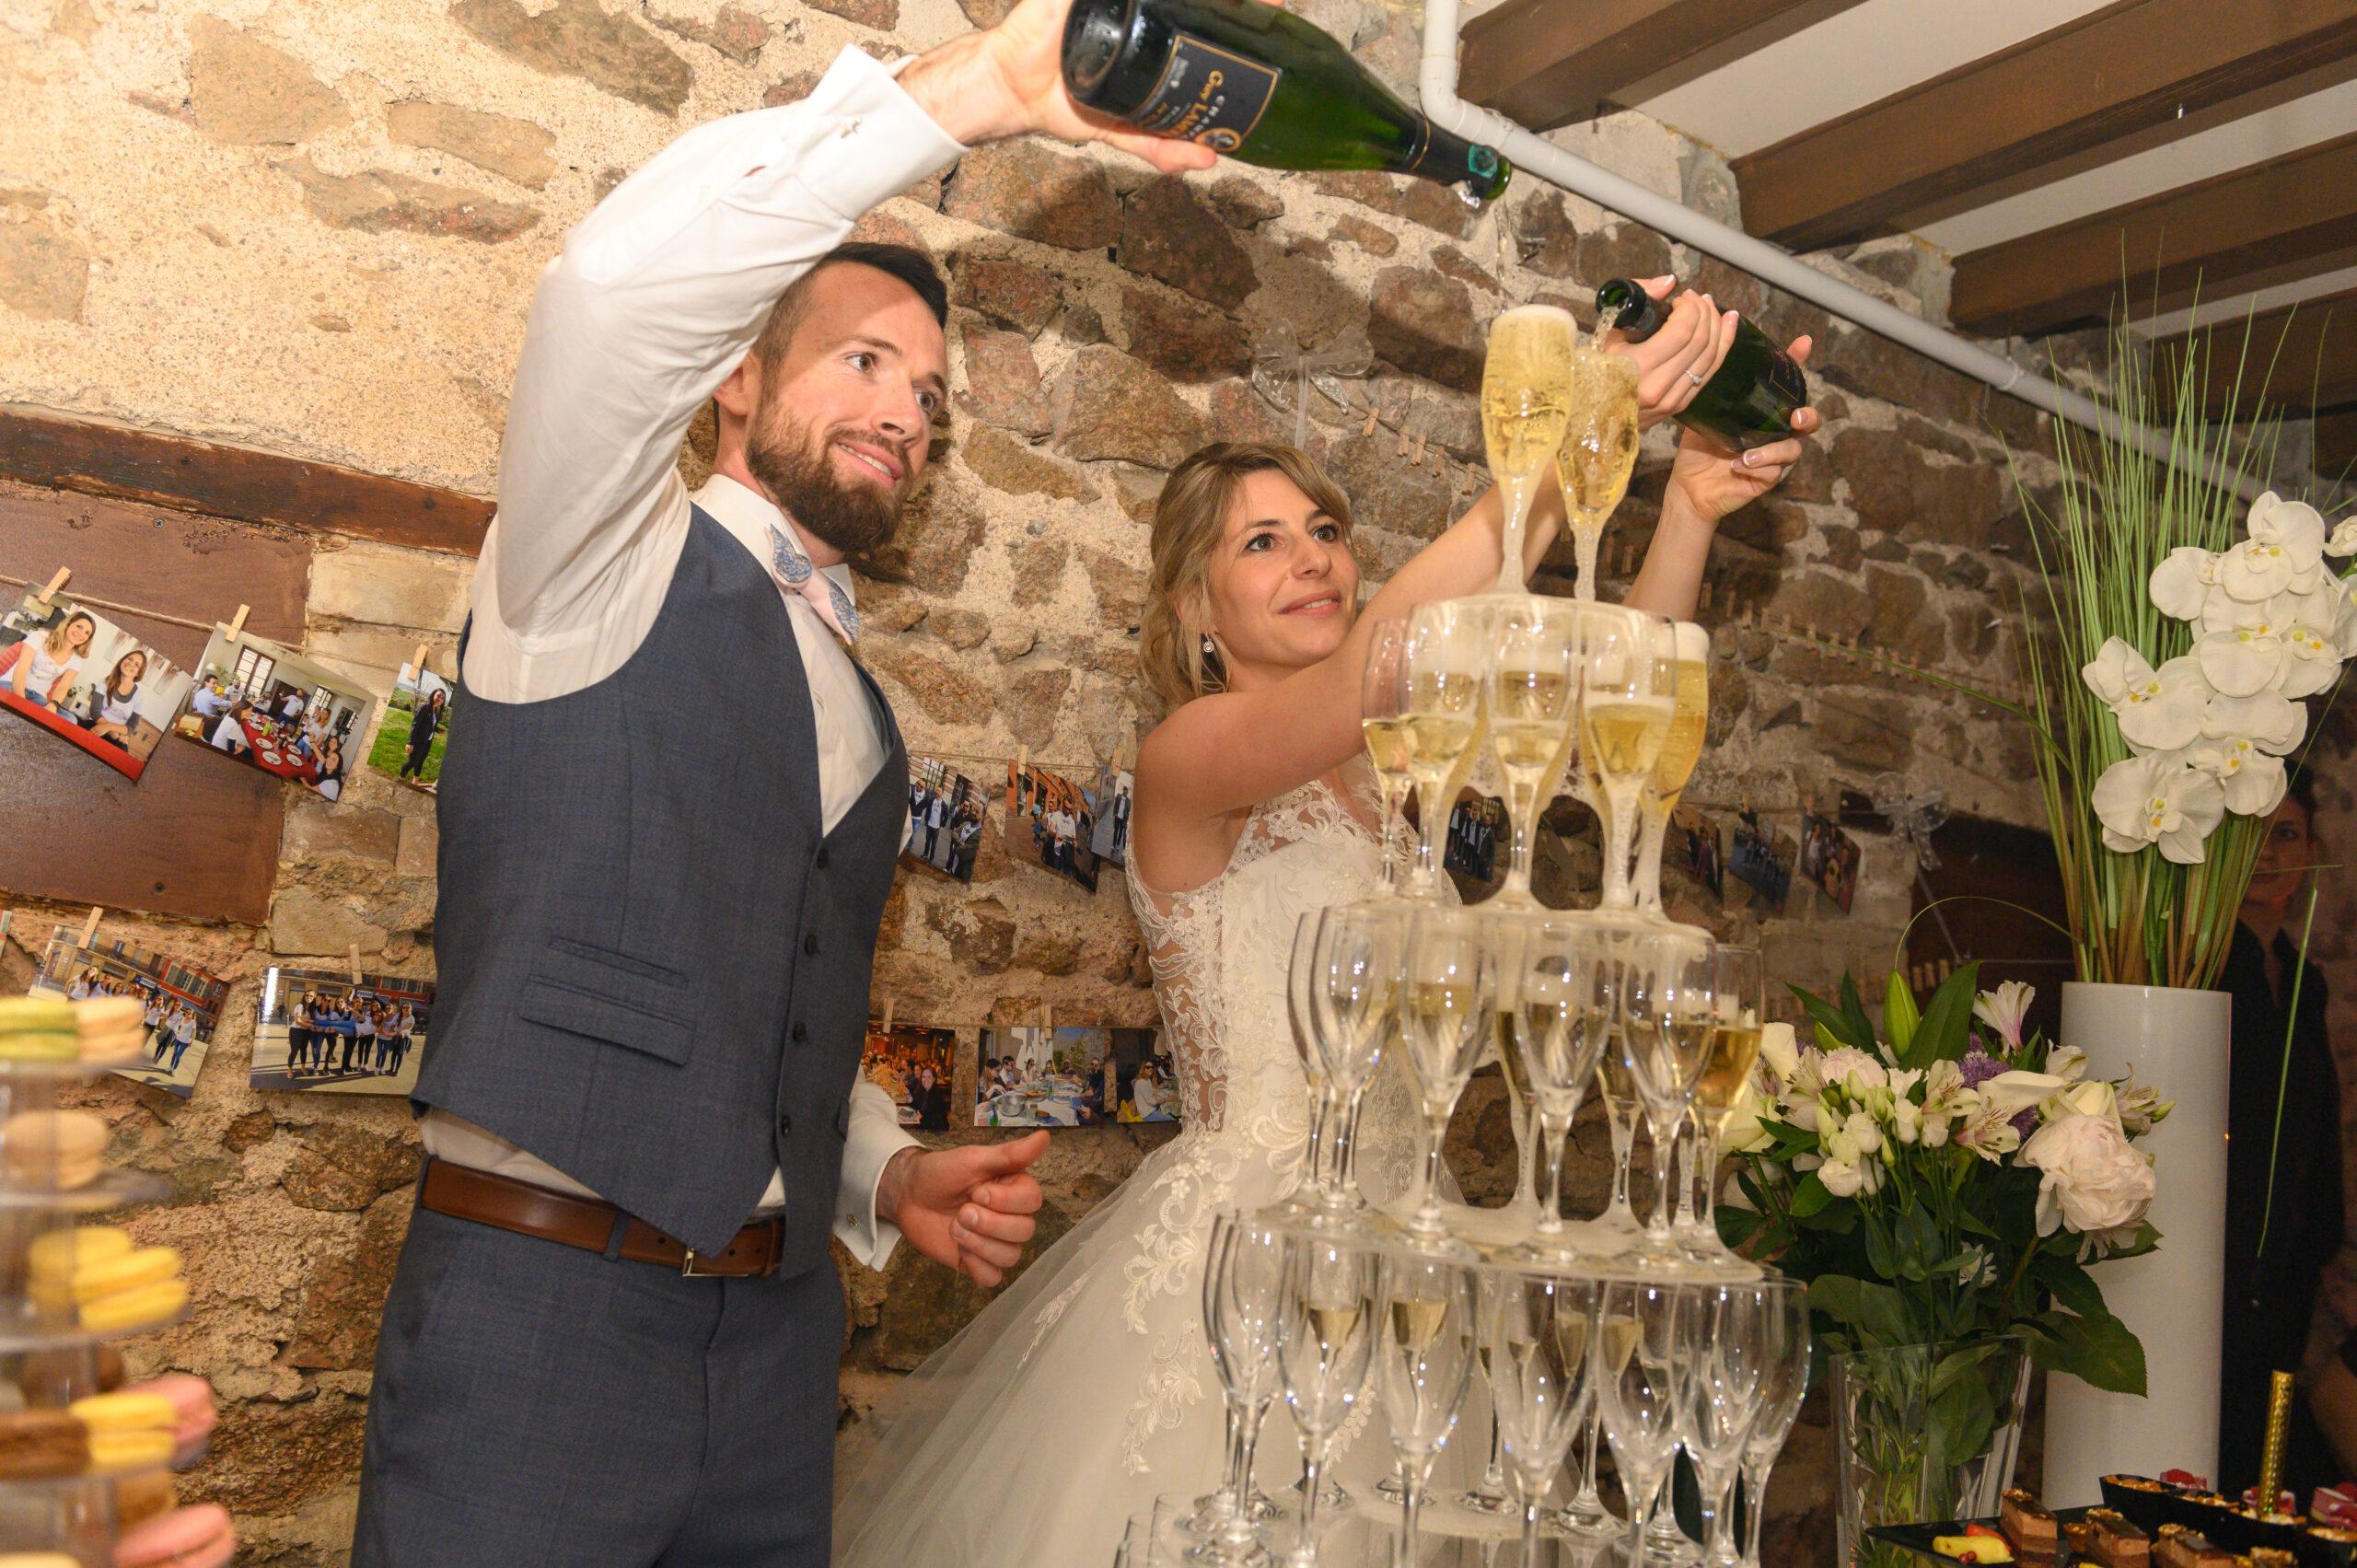 Mariés lors de leur soirée de mariage organisée par Dj Art Song Production